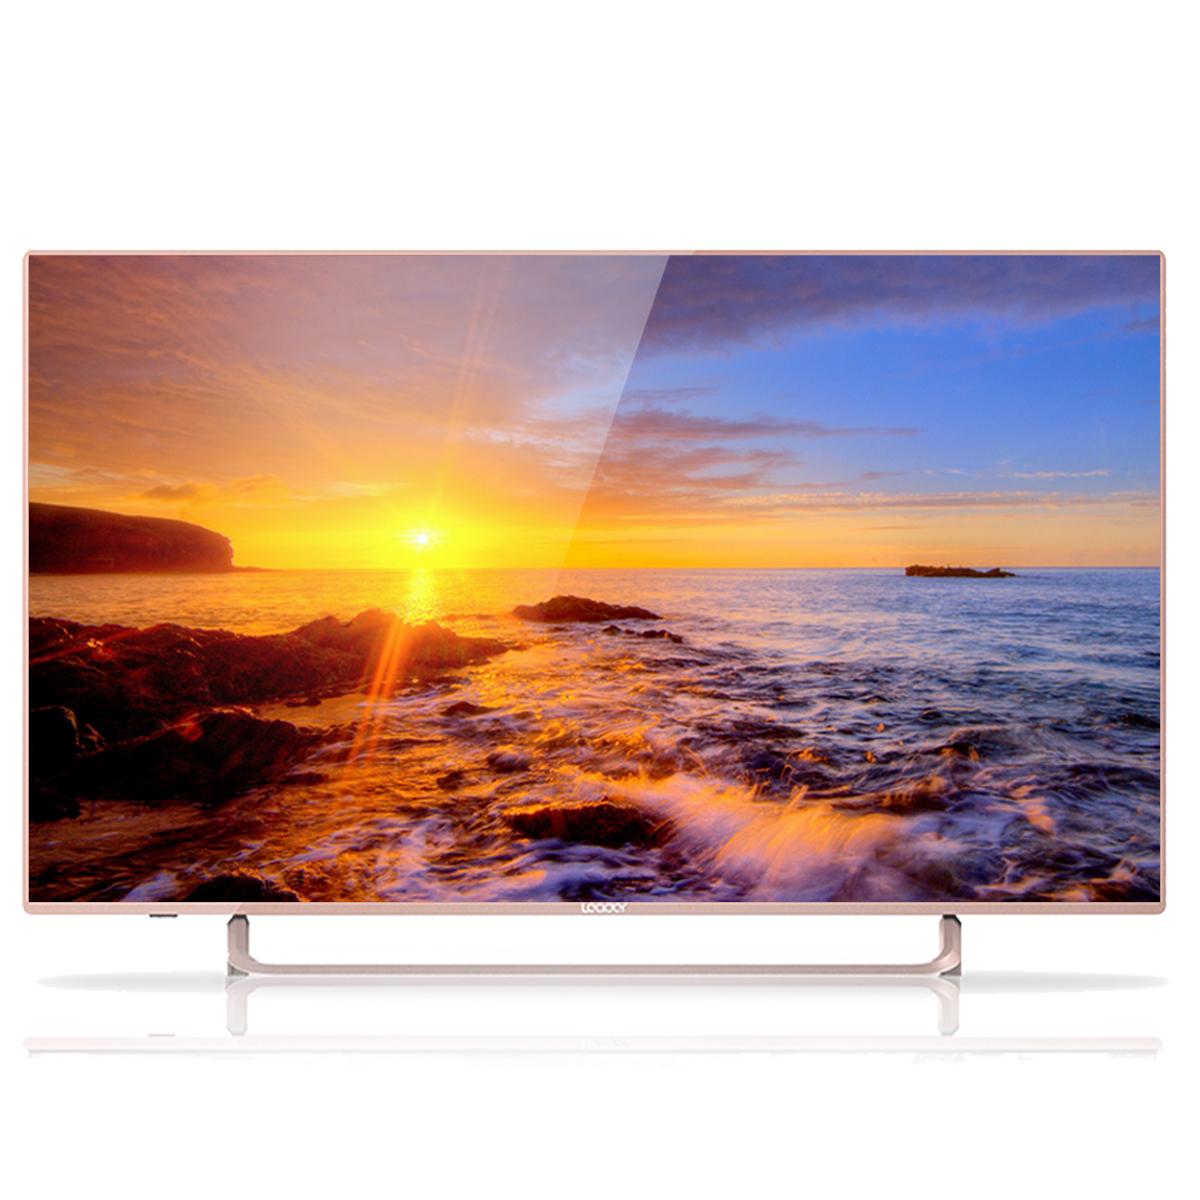 统帅电视 S40A通过U盘安装第三方应用